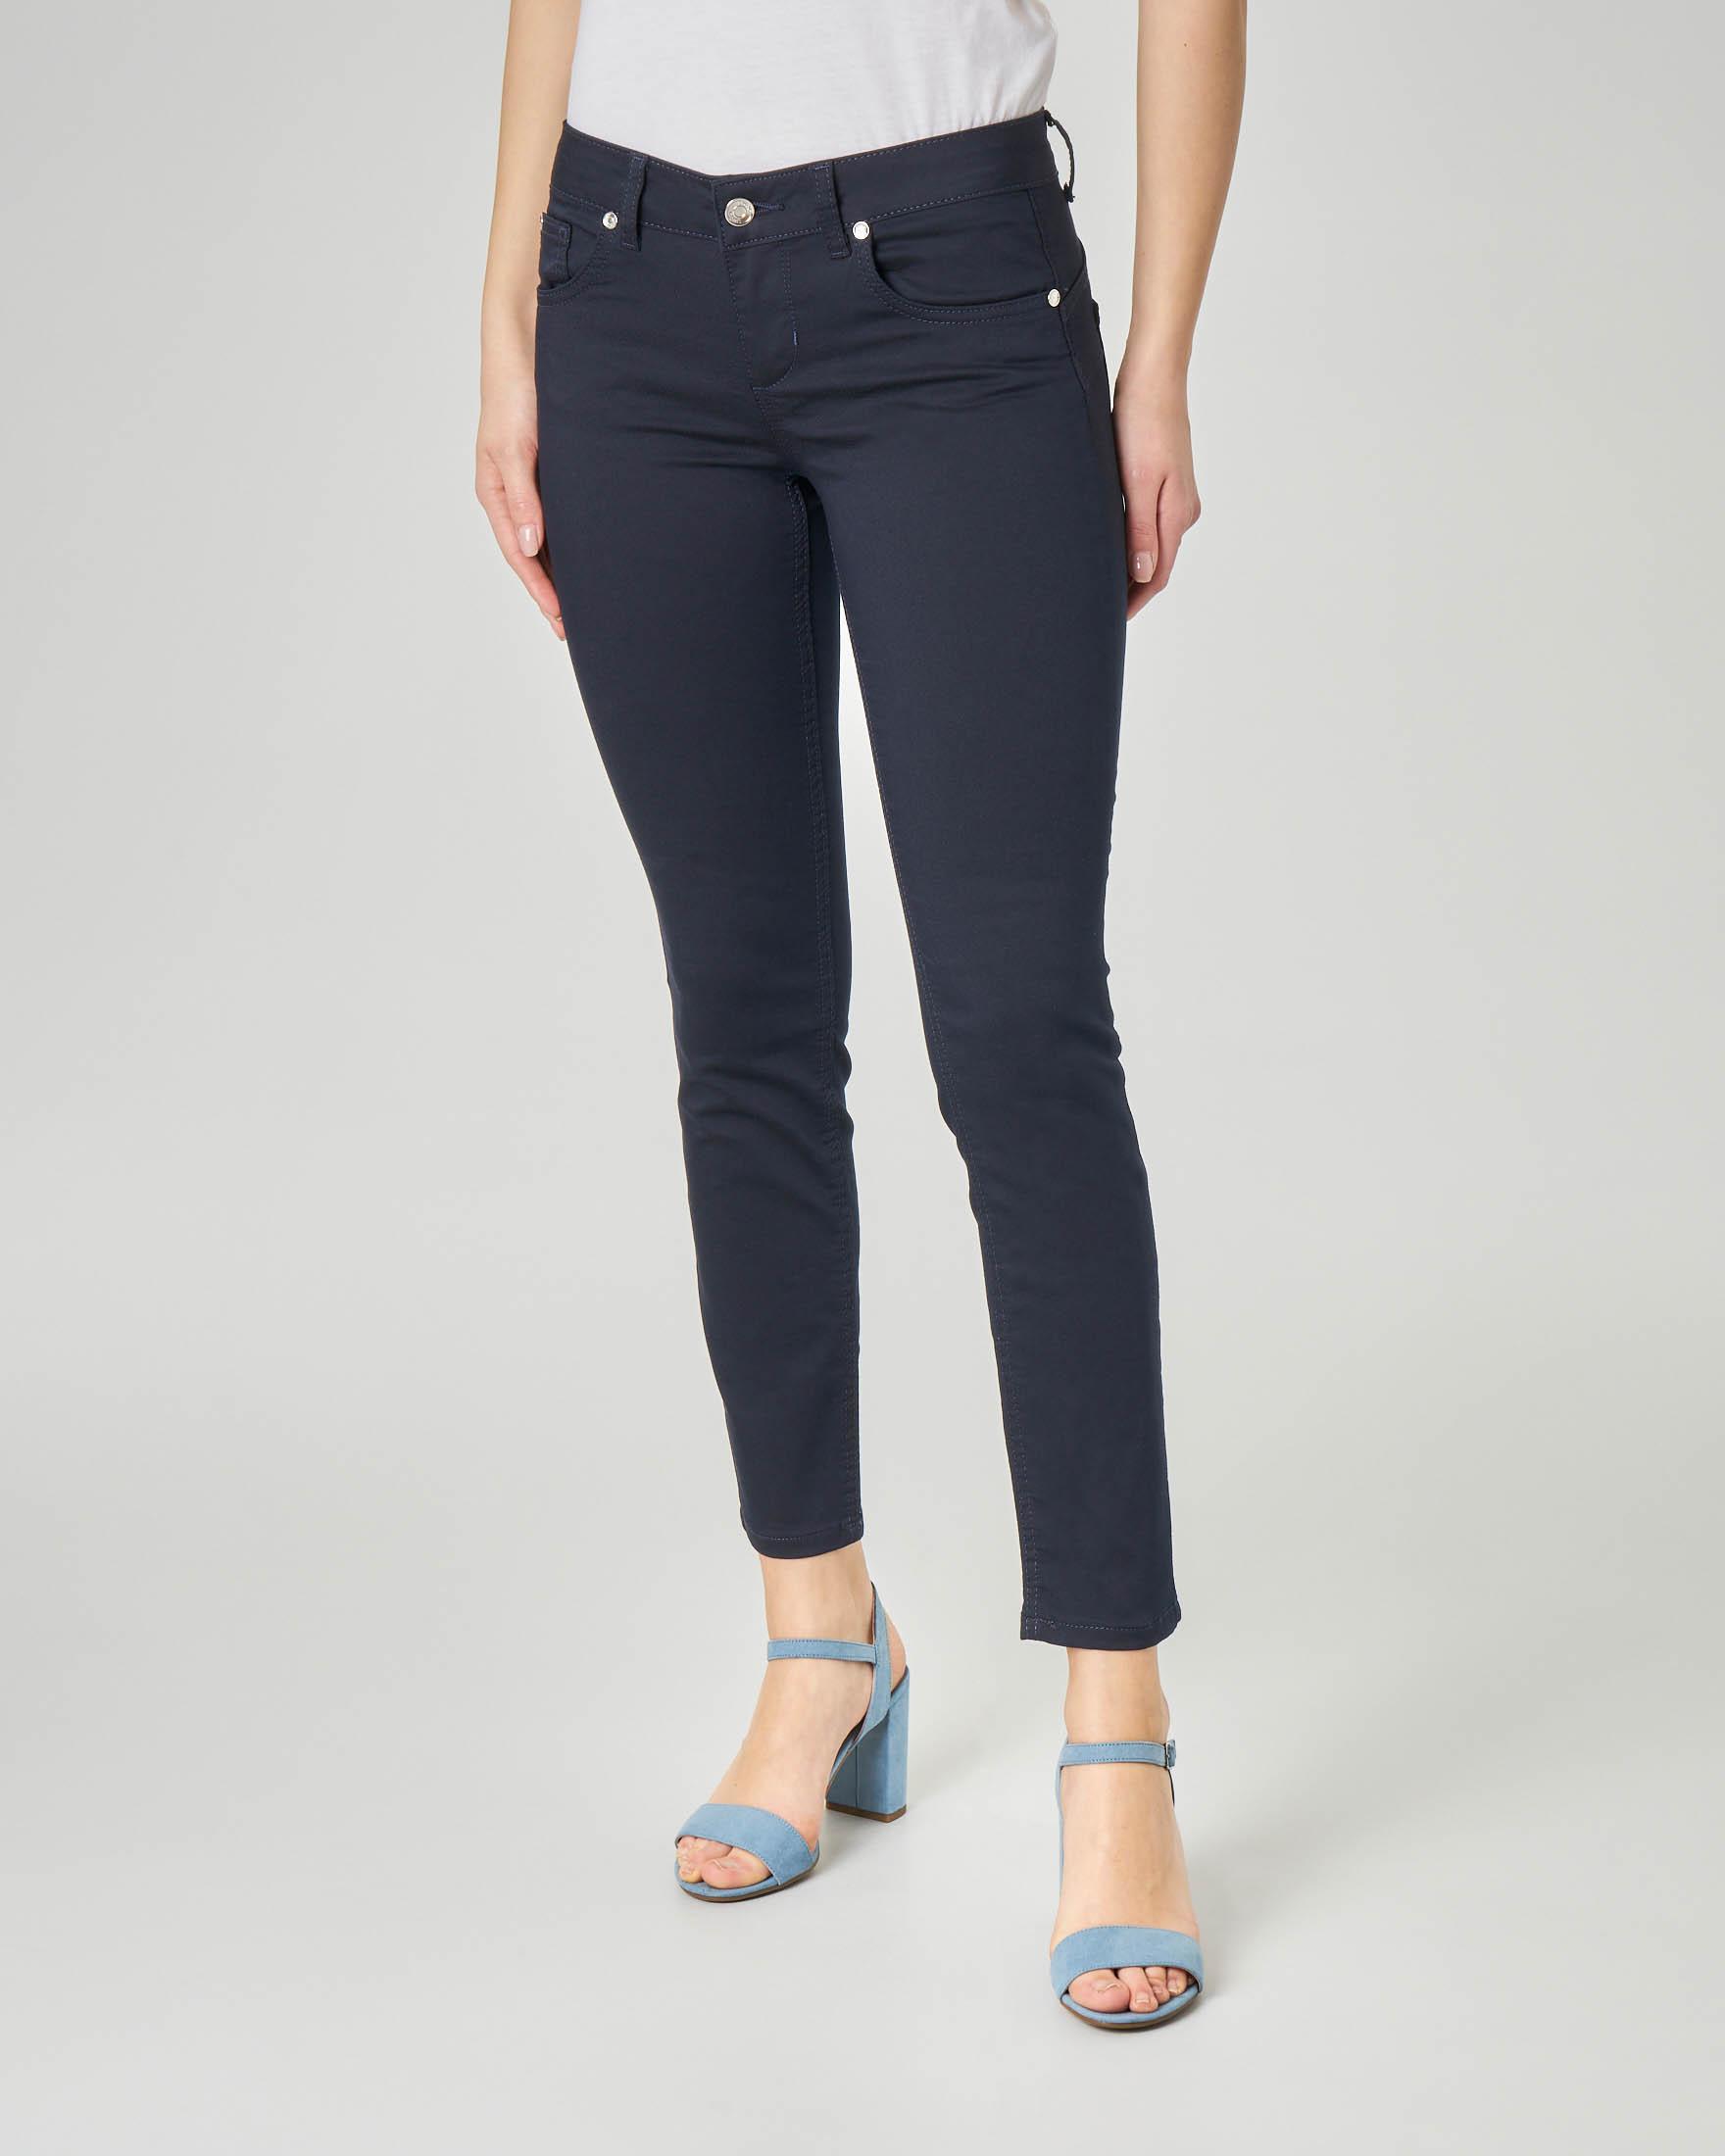 Pantalone cinque tasche blu in cotone elasticizzato vestibilità skinny